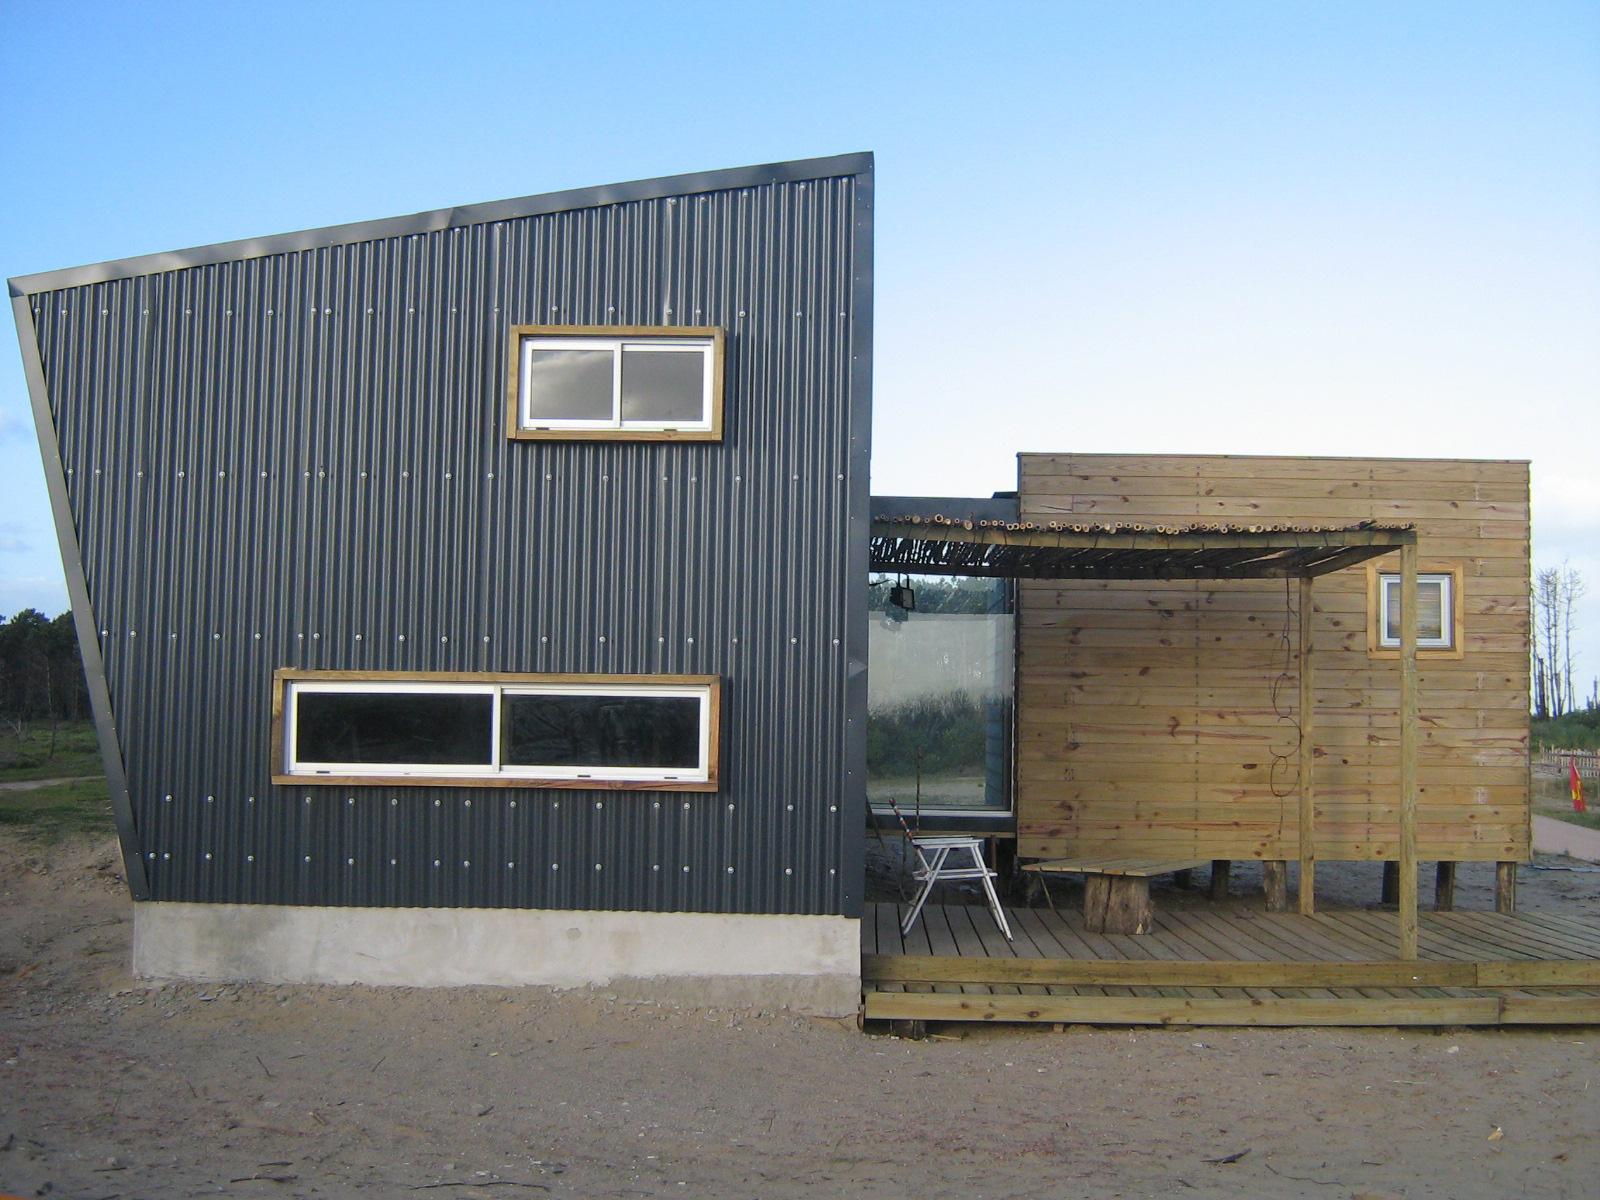 Ventiluz Baño Medidas:capybaraconstrucciones: Galpon-Tinglado-Obrador-Vivienda 17m2